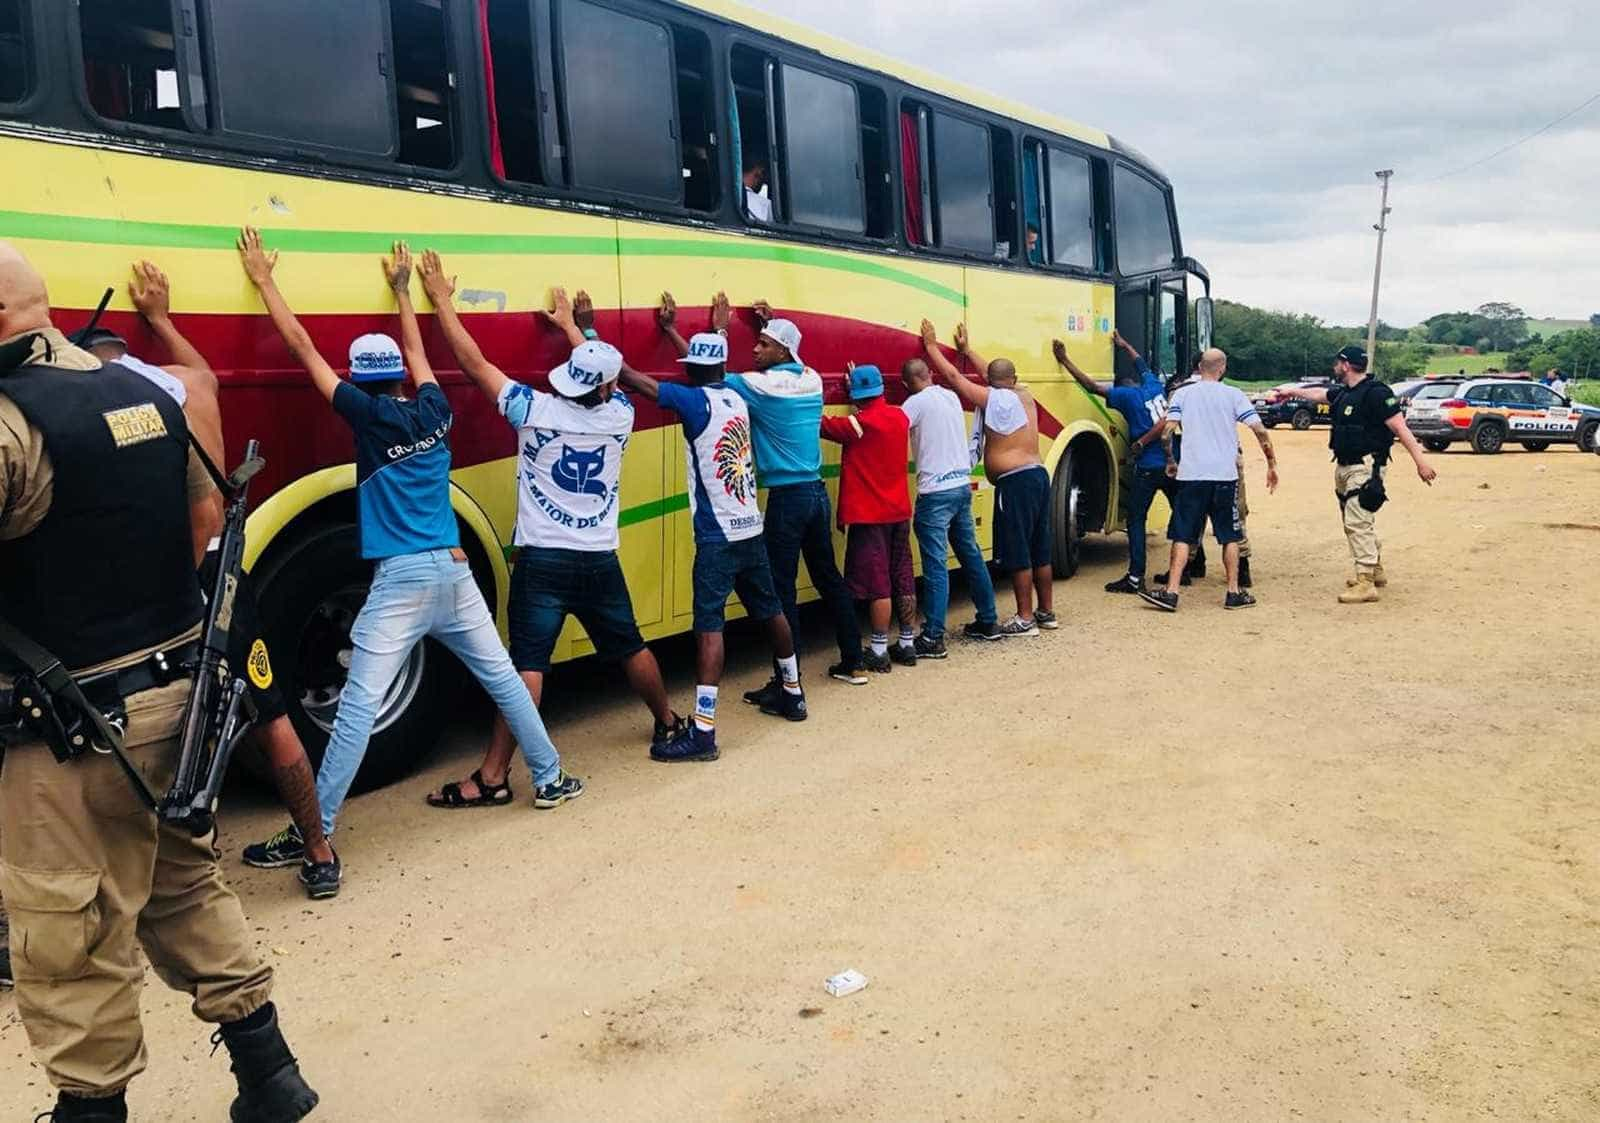 Briga entre torcidas em pedágio da Fernão Dias deixa feridos